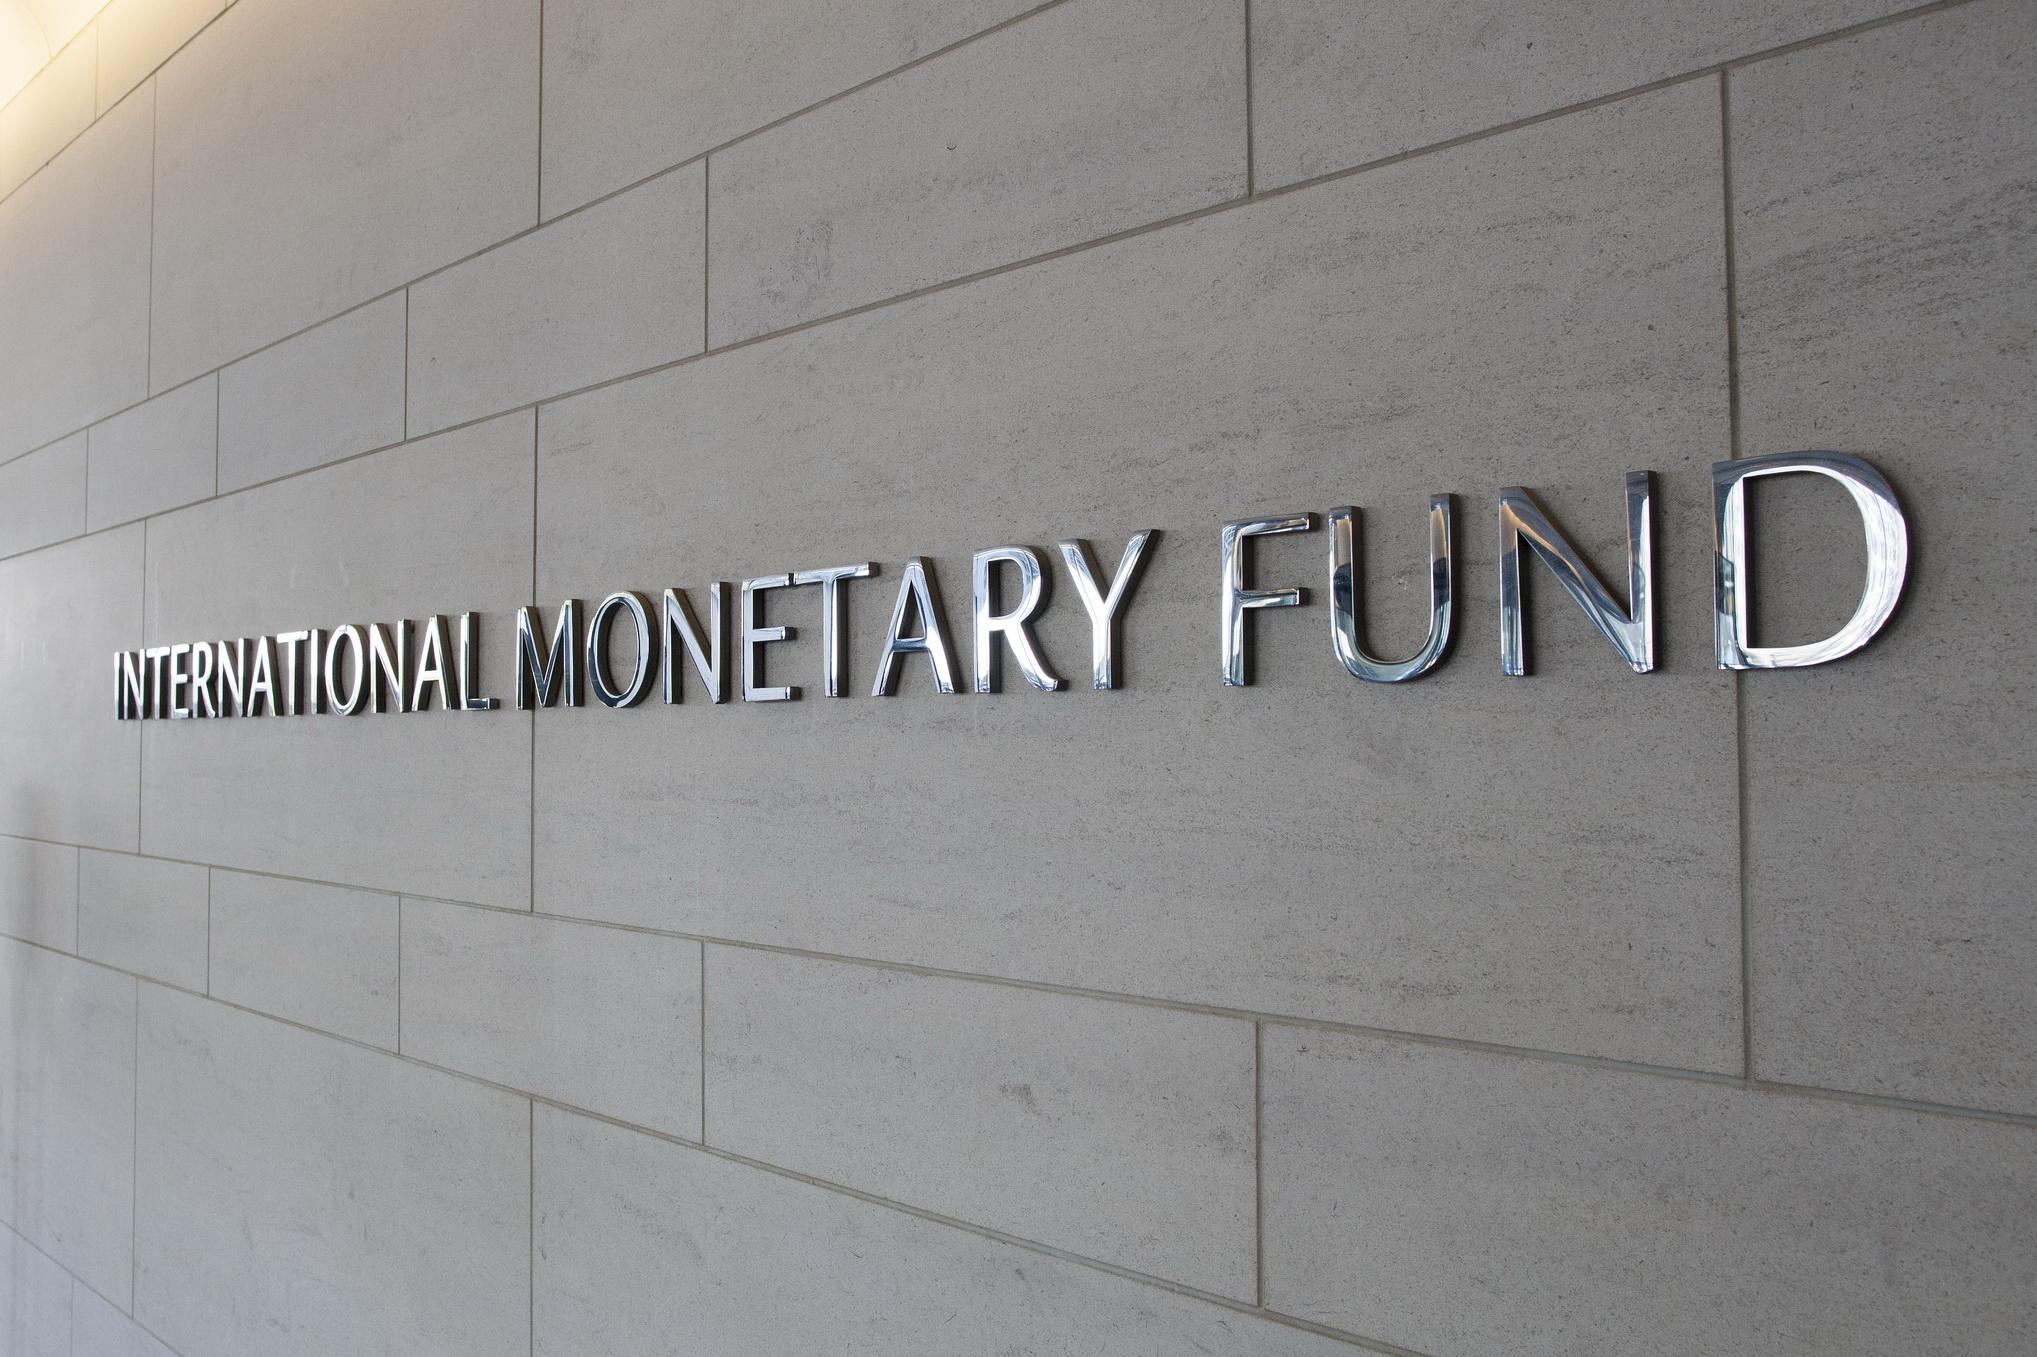 МЕМОРАНДУМ МІЖ УКРАЇНОЮ ТА МВФ: ЗОБОВ'ЯЗАННЯ ПРОТИ ВИКЛИКІВ